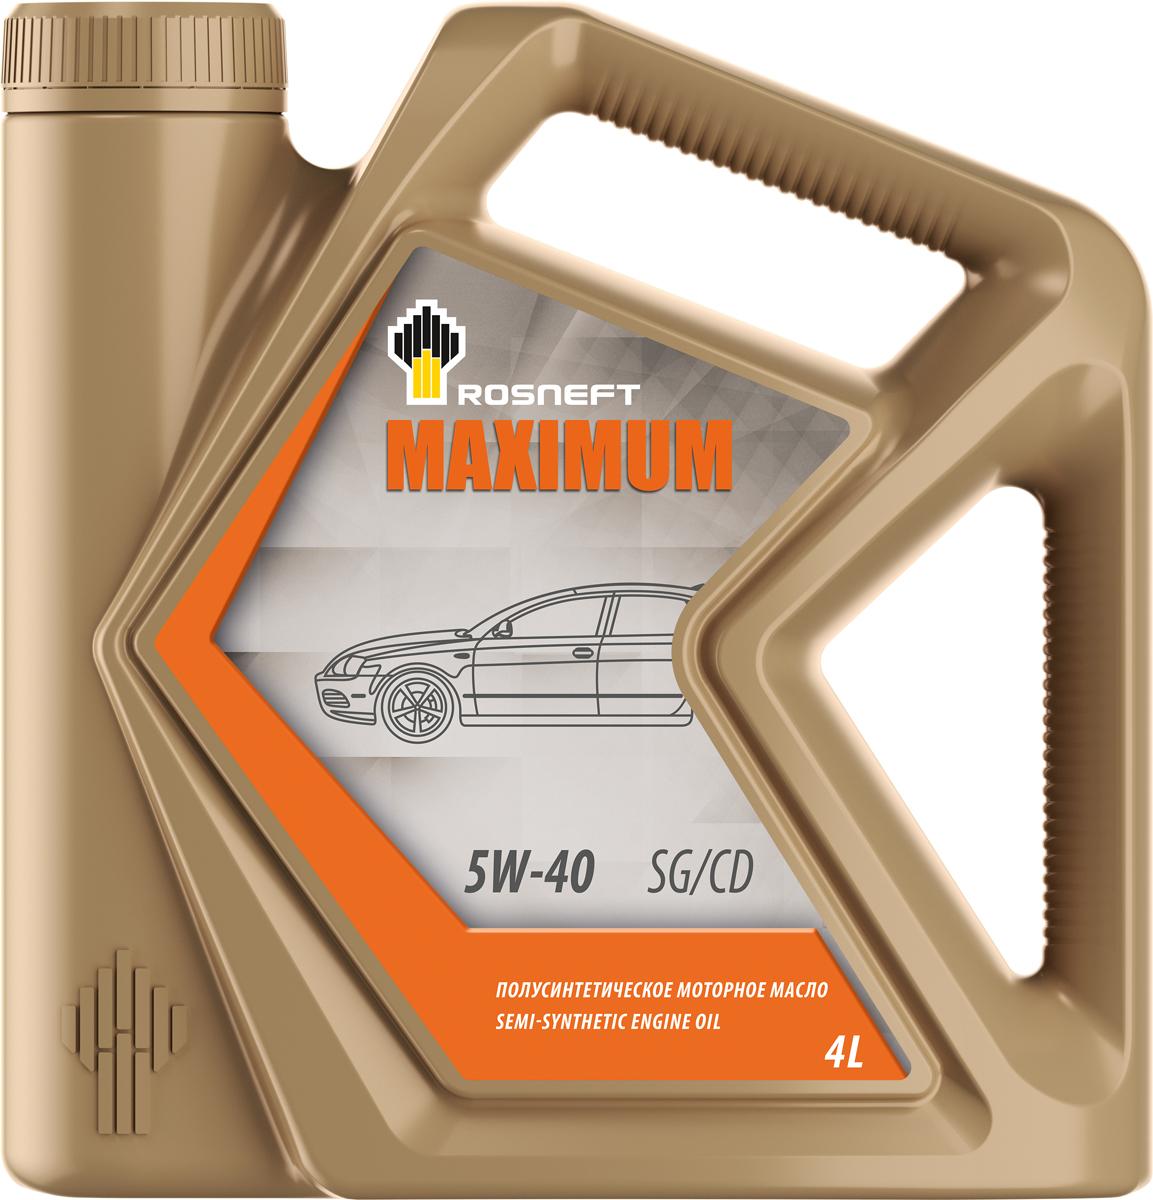 Масло моторное Роснефть Maximum, полусинтетическое, 5W-40, 4 л моторное масло роснефть 4 л 40814942